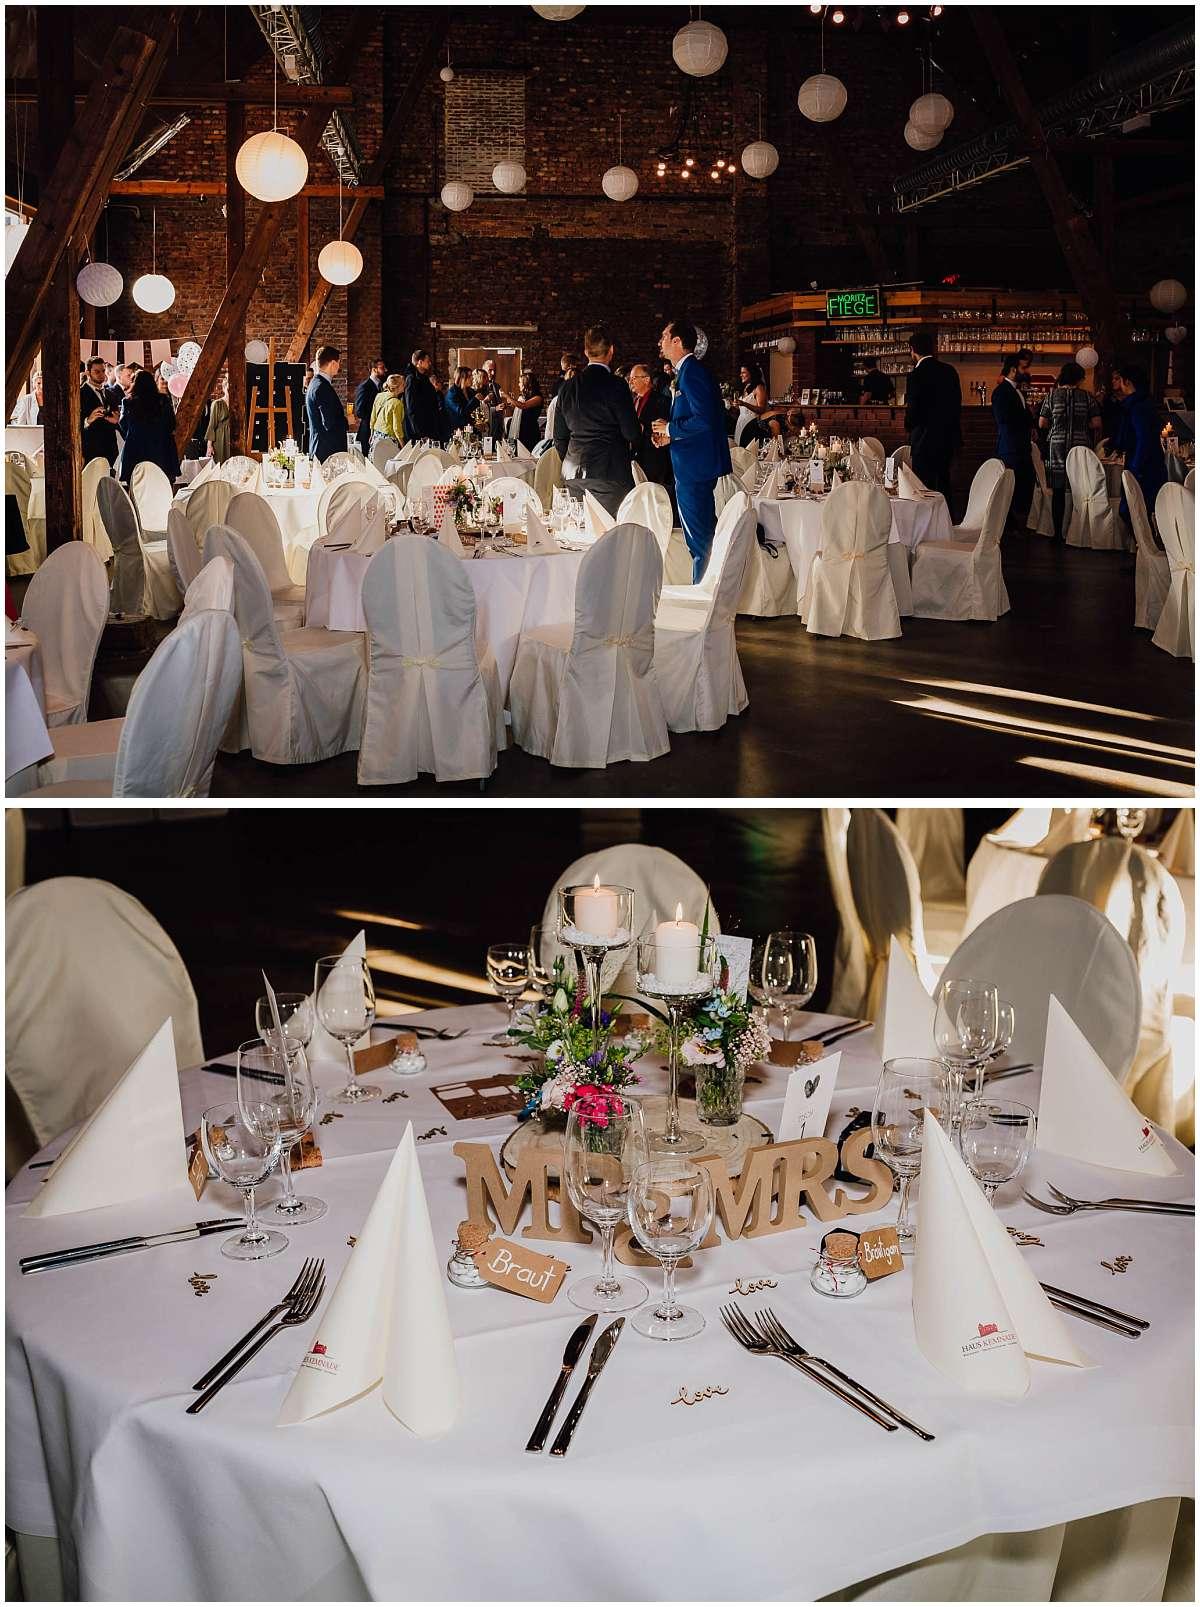 Hochzeitsfeier im Haus Kemnade in Hattingen